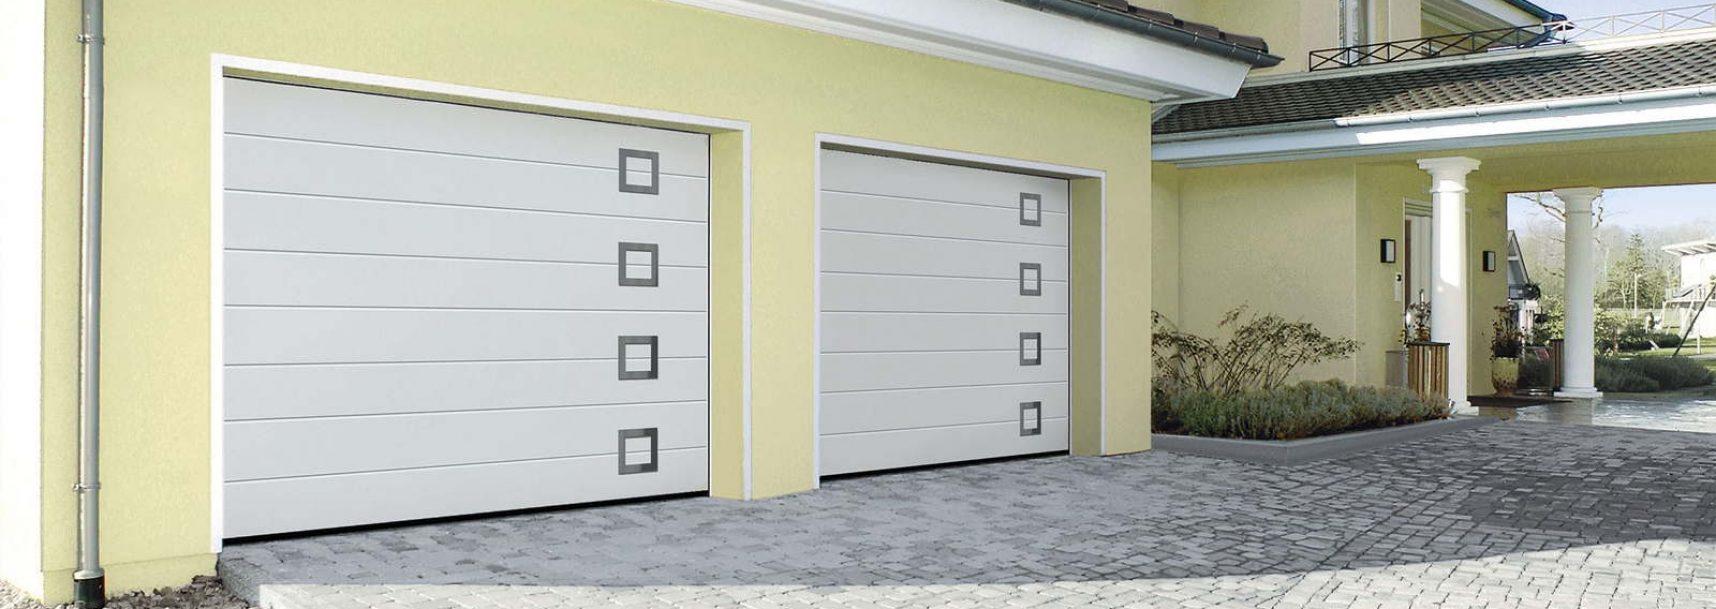 Portes de garage sectionnelles blanches conform énergie design allier Auvergne pvc